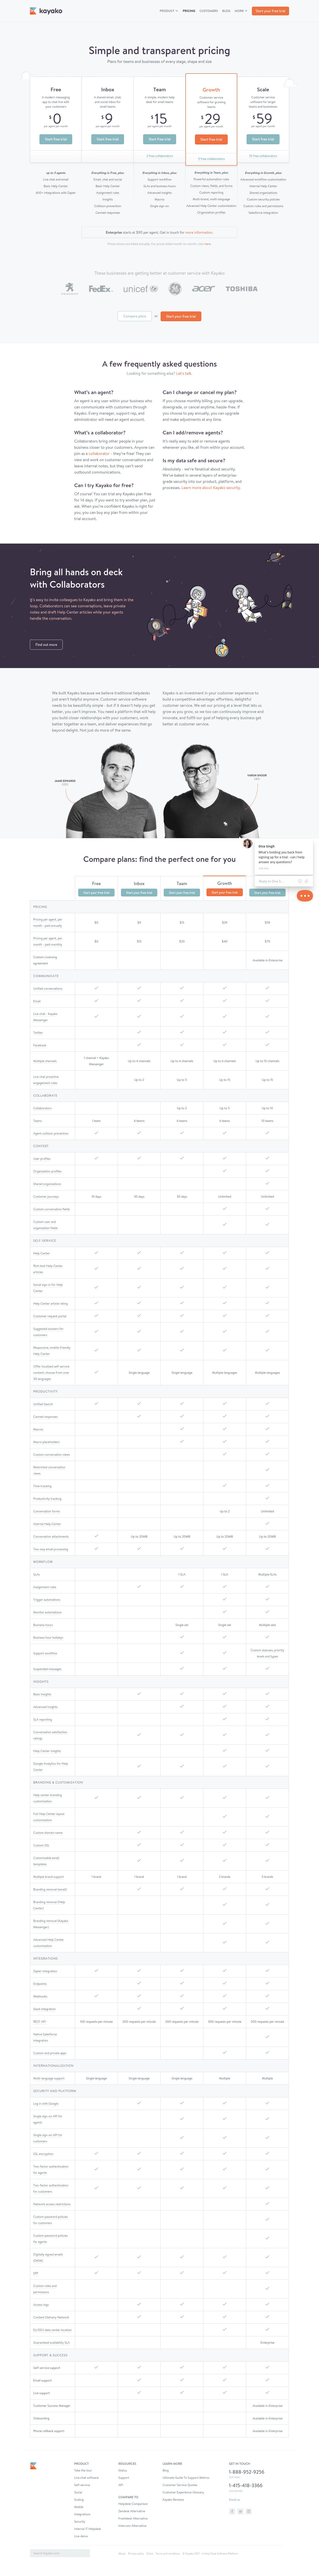 www.kayako.com-pricing-full